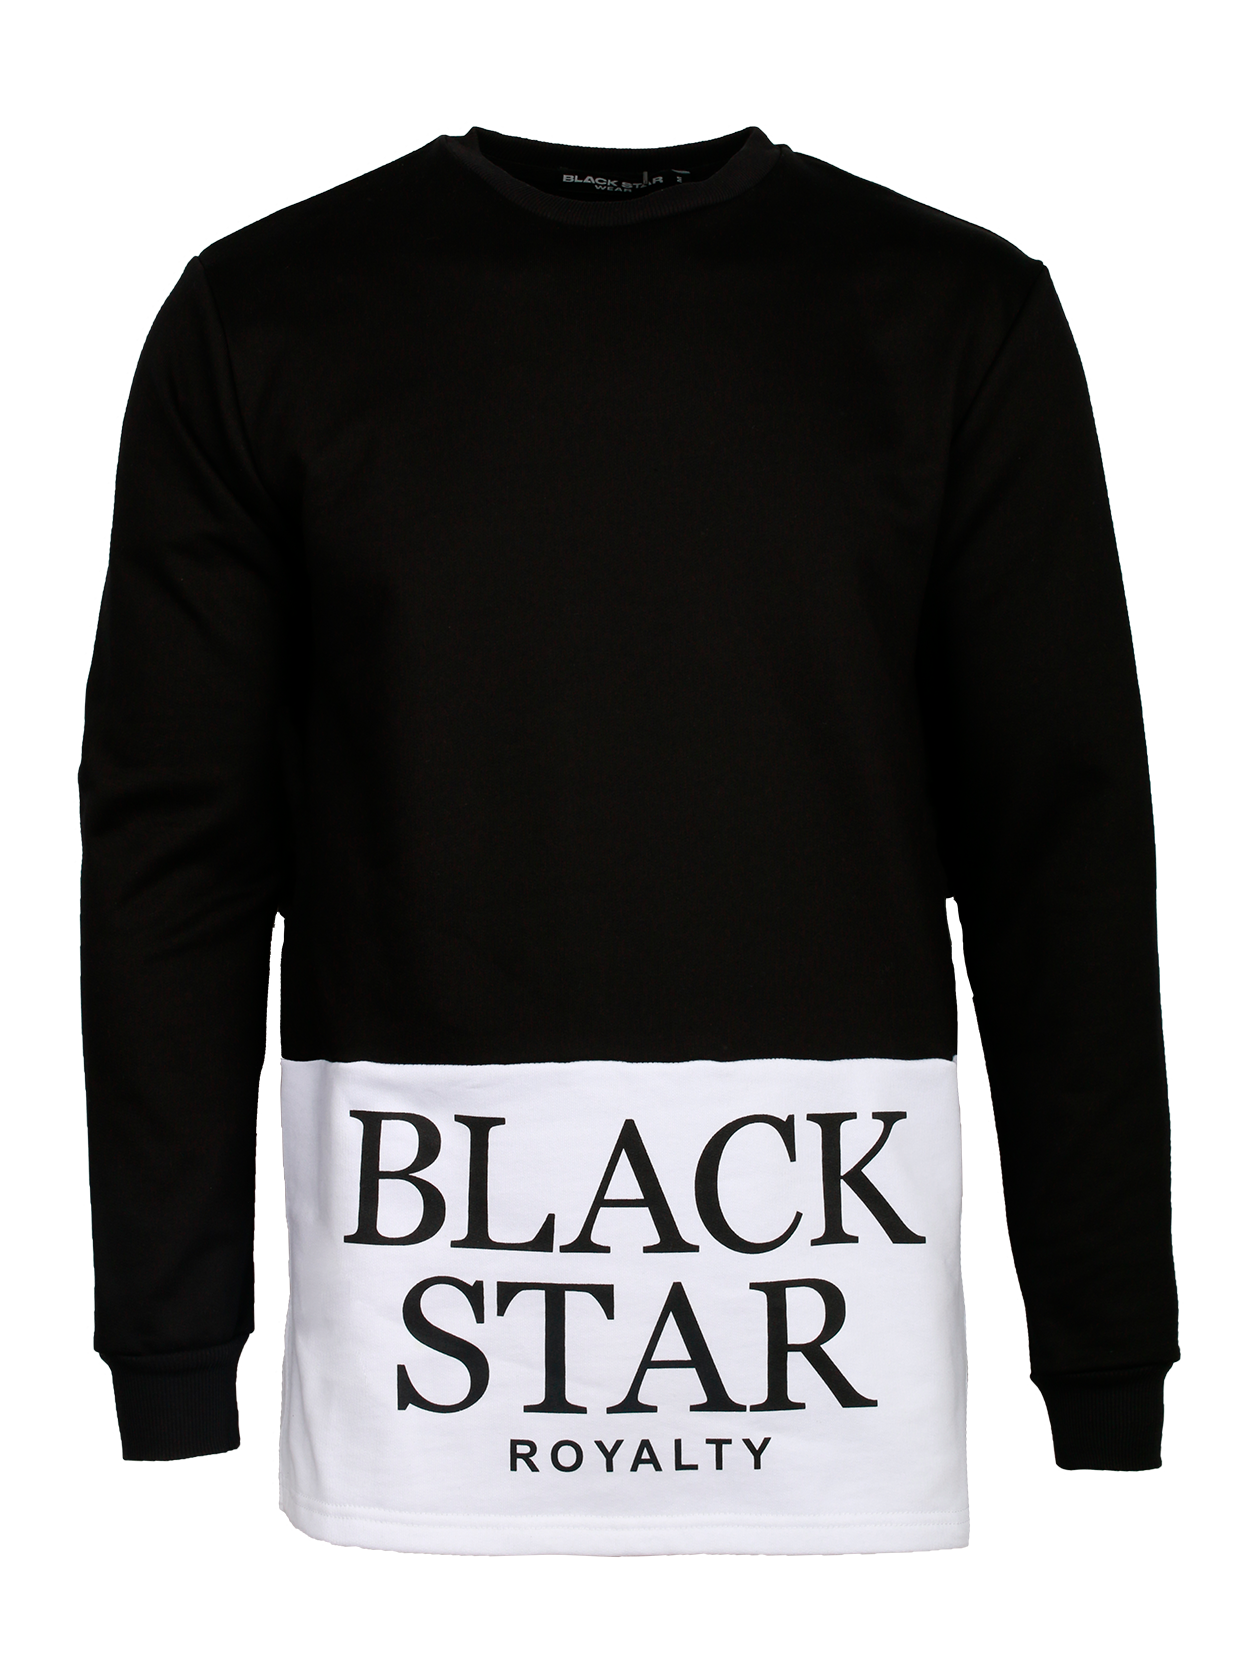 Толстовка мужская ROYALTY BLACK STARЭффектная мужская толстовка Royalty Black Star неординарного дизайна поможет разнообразить повседневный стиль. Модель прямого, свободного фасона с длинным рукавом. Верхняя часть, включая рукав, выполнена из черного материала, нижняя – из белой ткани с крупной контрастной надписью Royalty Black Star. Манжеты и край горловины оформлены высококачественной трикотажной резинкой. Толстовка изготовлена из бленда натурального хлопка класса «люкс».<br><br>Размер: XS<br>Цвет: Черный<br>Пол: Мужской